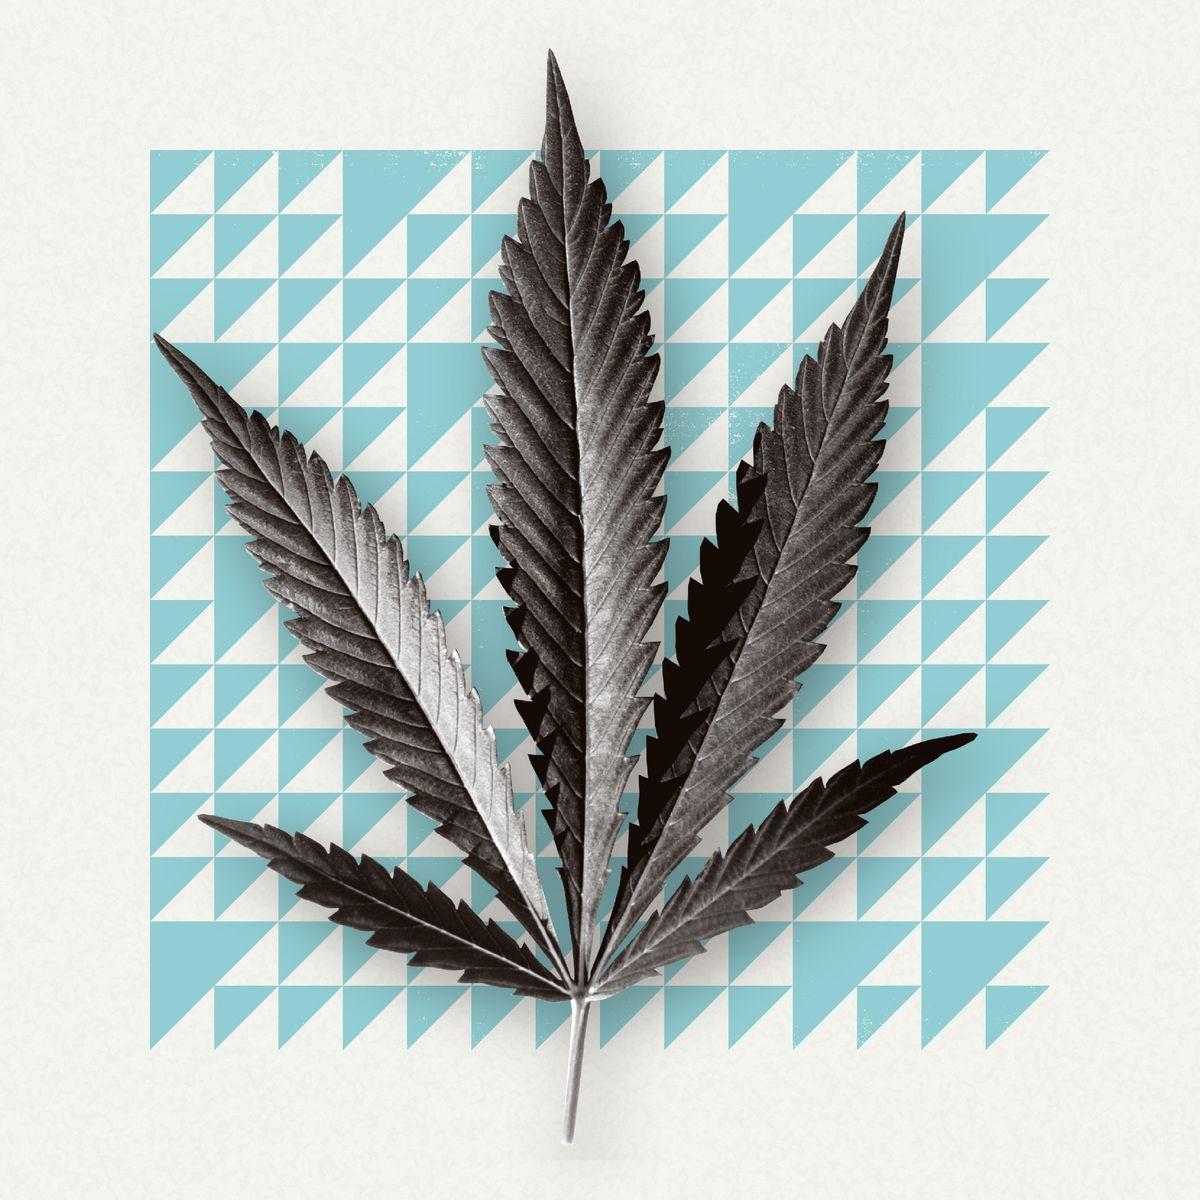 A photo illustration featuring a marijuana leaf.